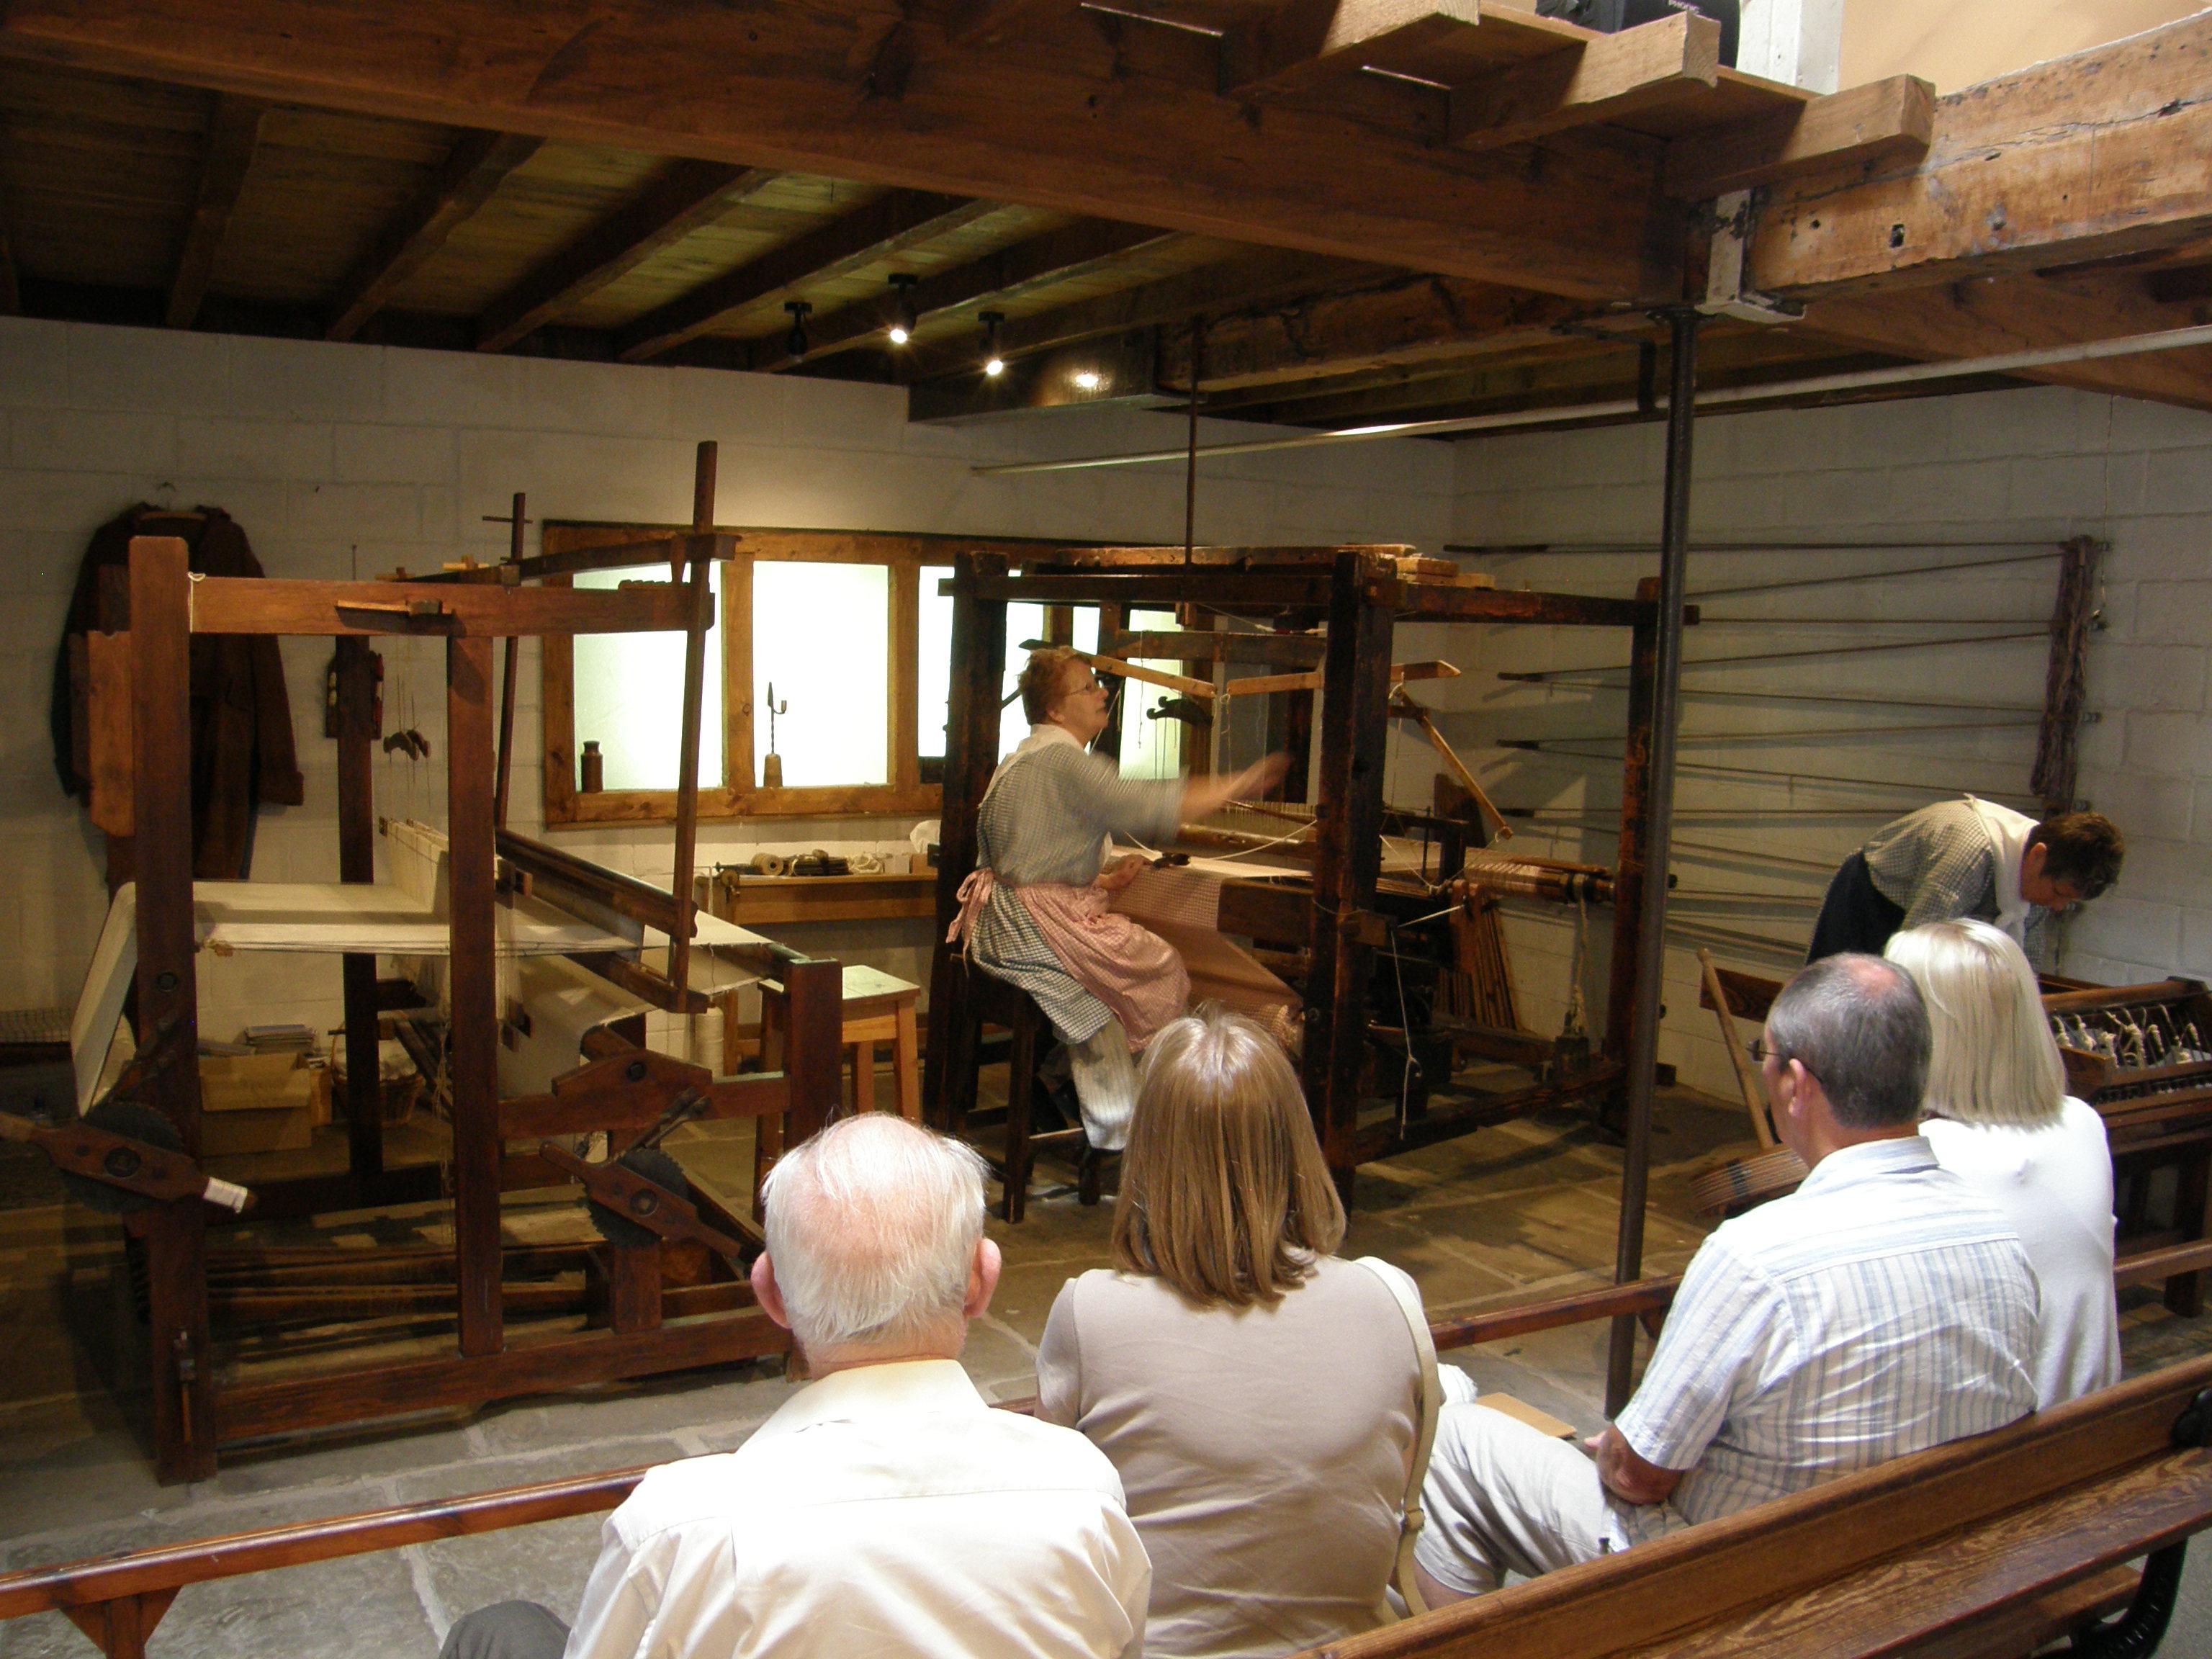 Loom exhibit, Quarry Bank Mill, Wilmslow, UK